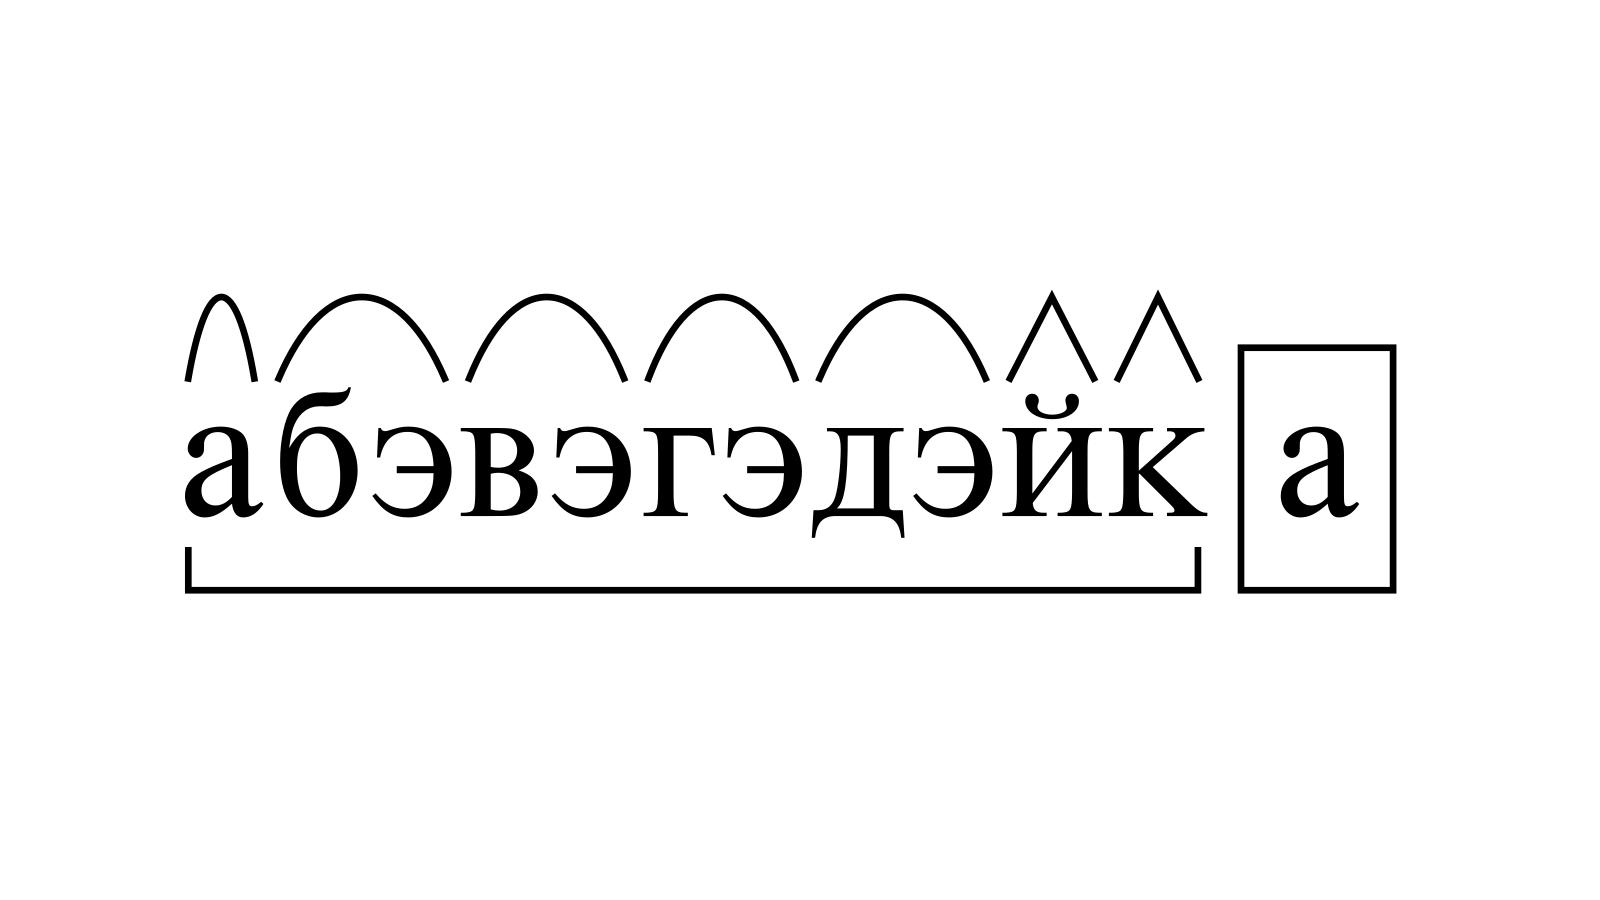 Разбор слова «абэвэгэдэйка» по составу